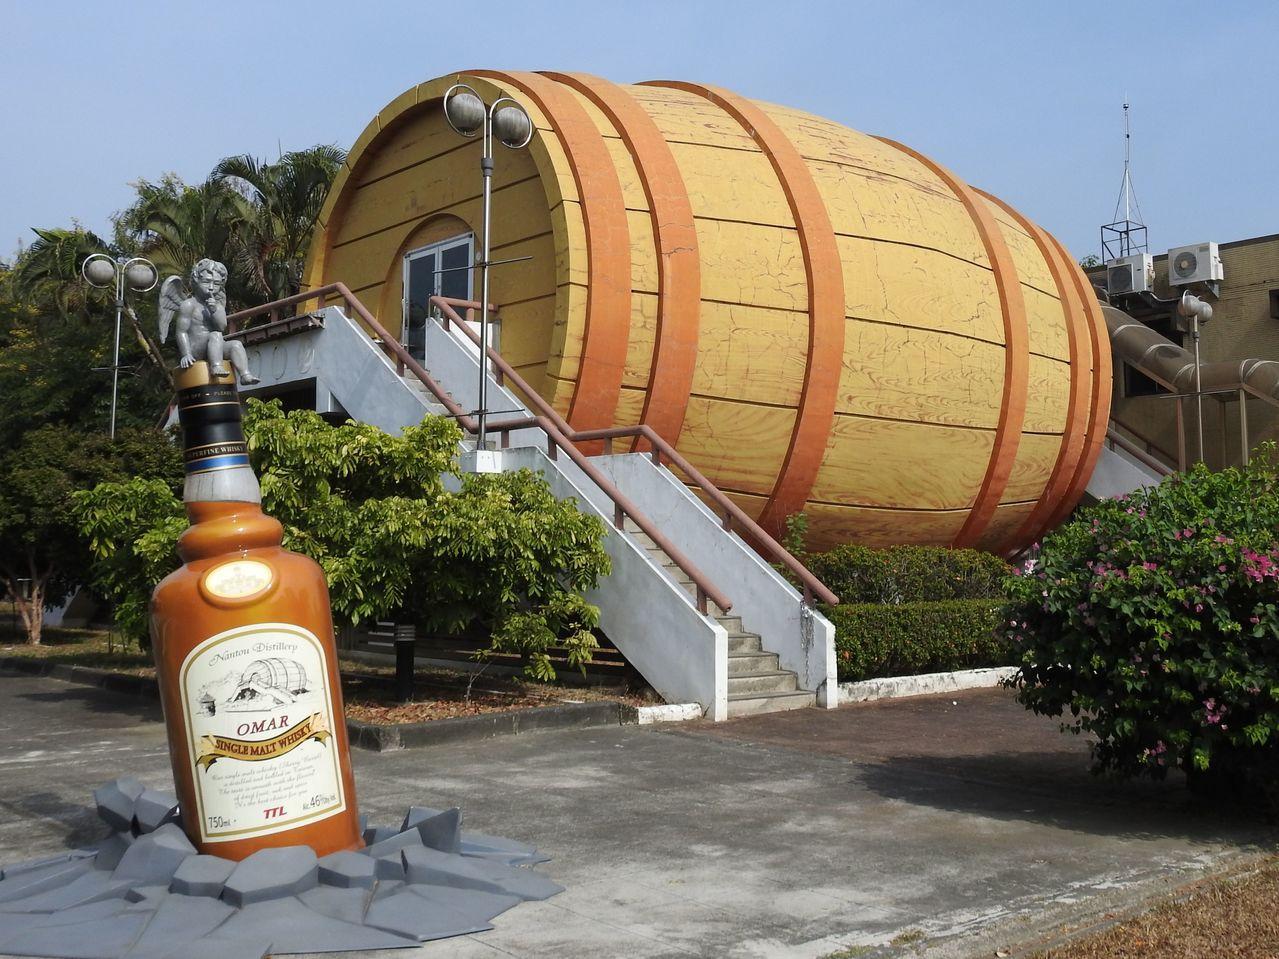 台酒公司斥資10億元,將改造南投酒廠成城堡威士忌觀光工廠。記者賴香珊/攝影